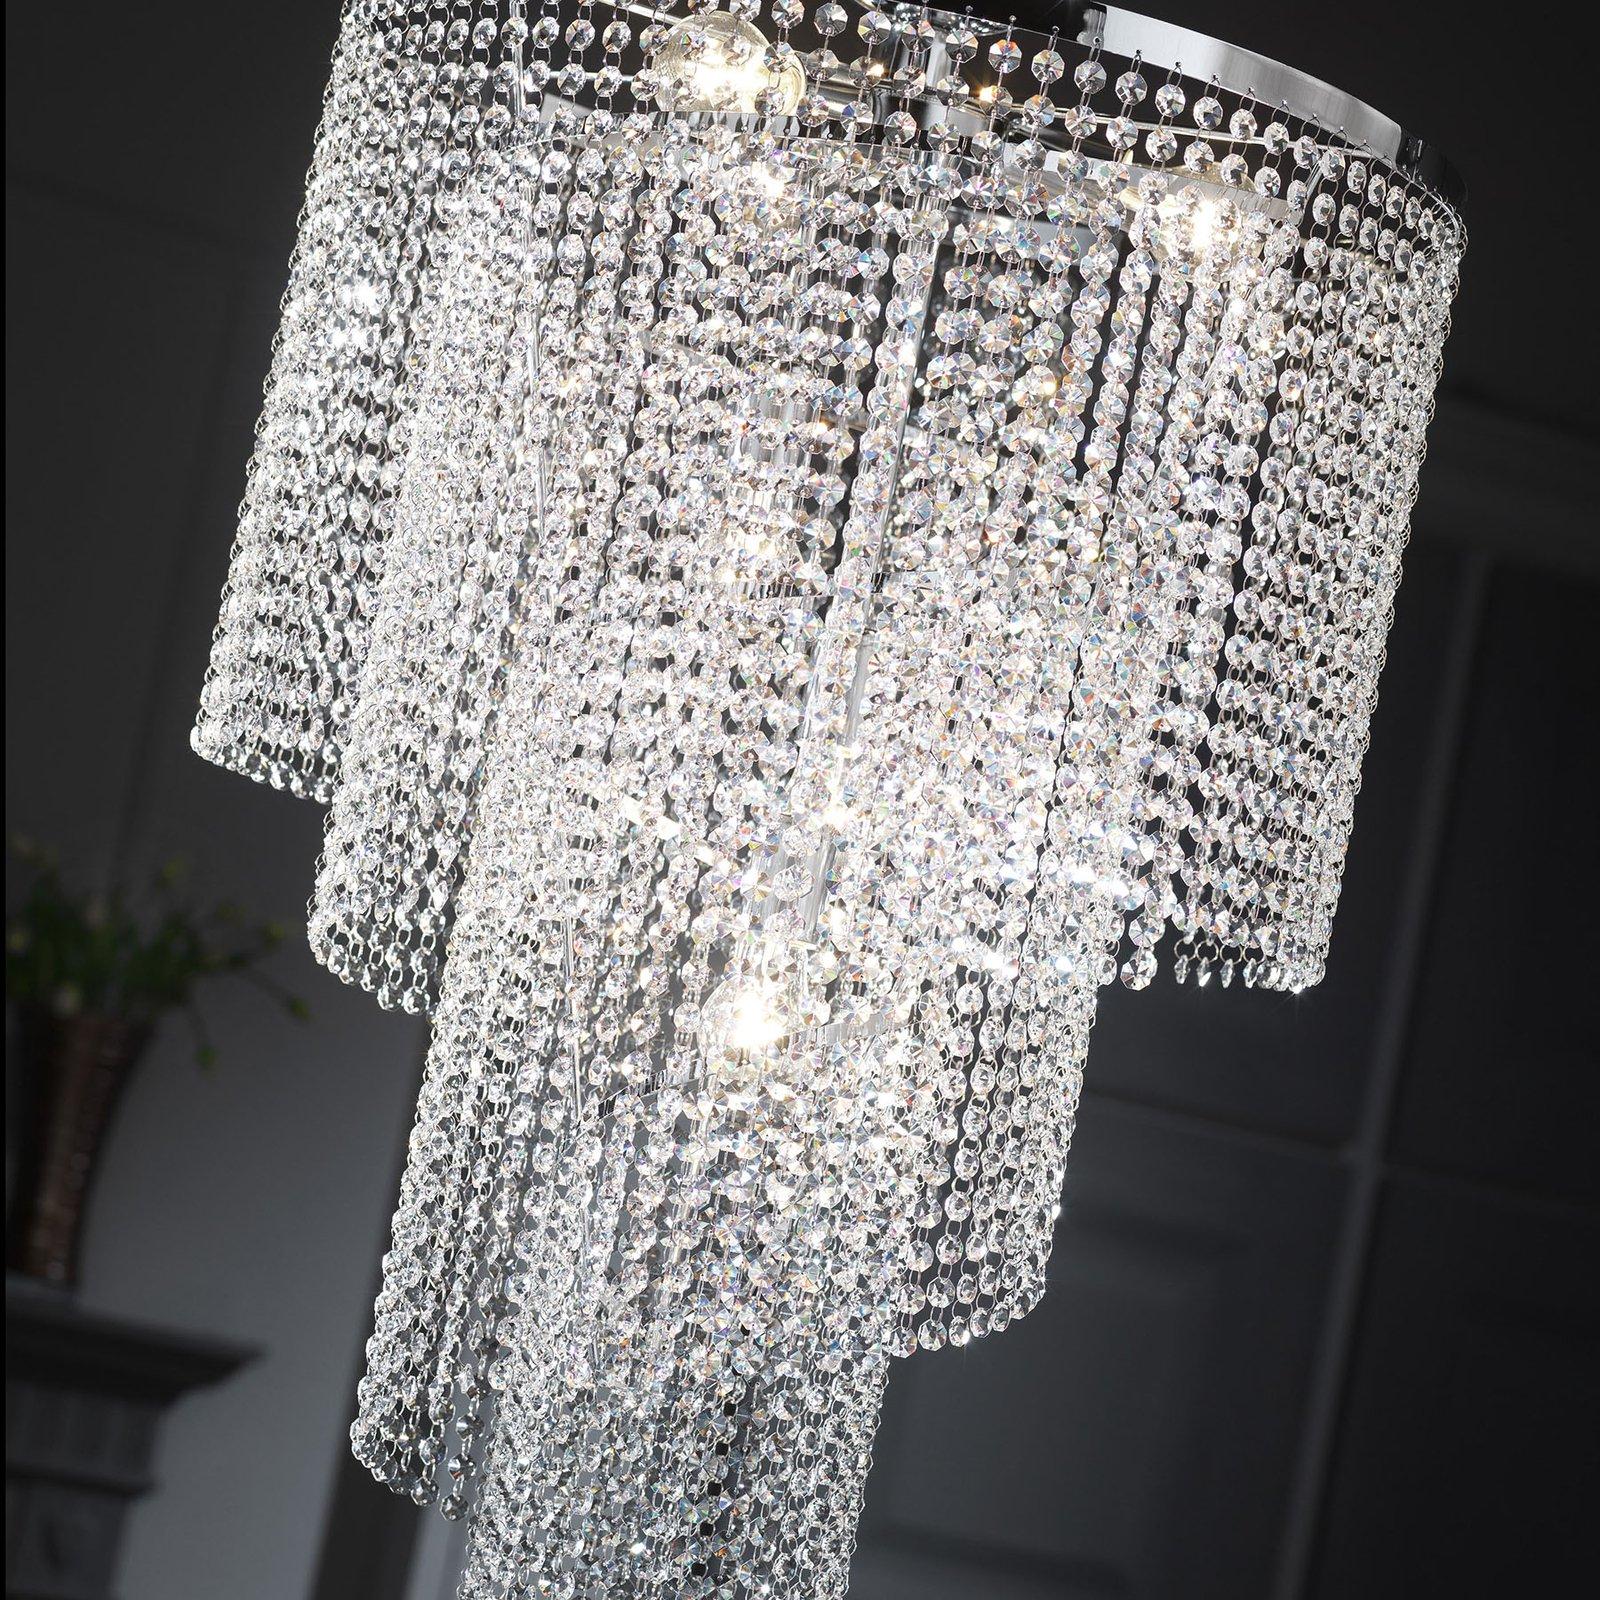 Taklampe Elica med krystallspiral, Ø 35cm